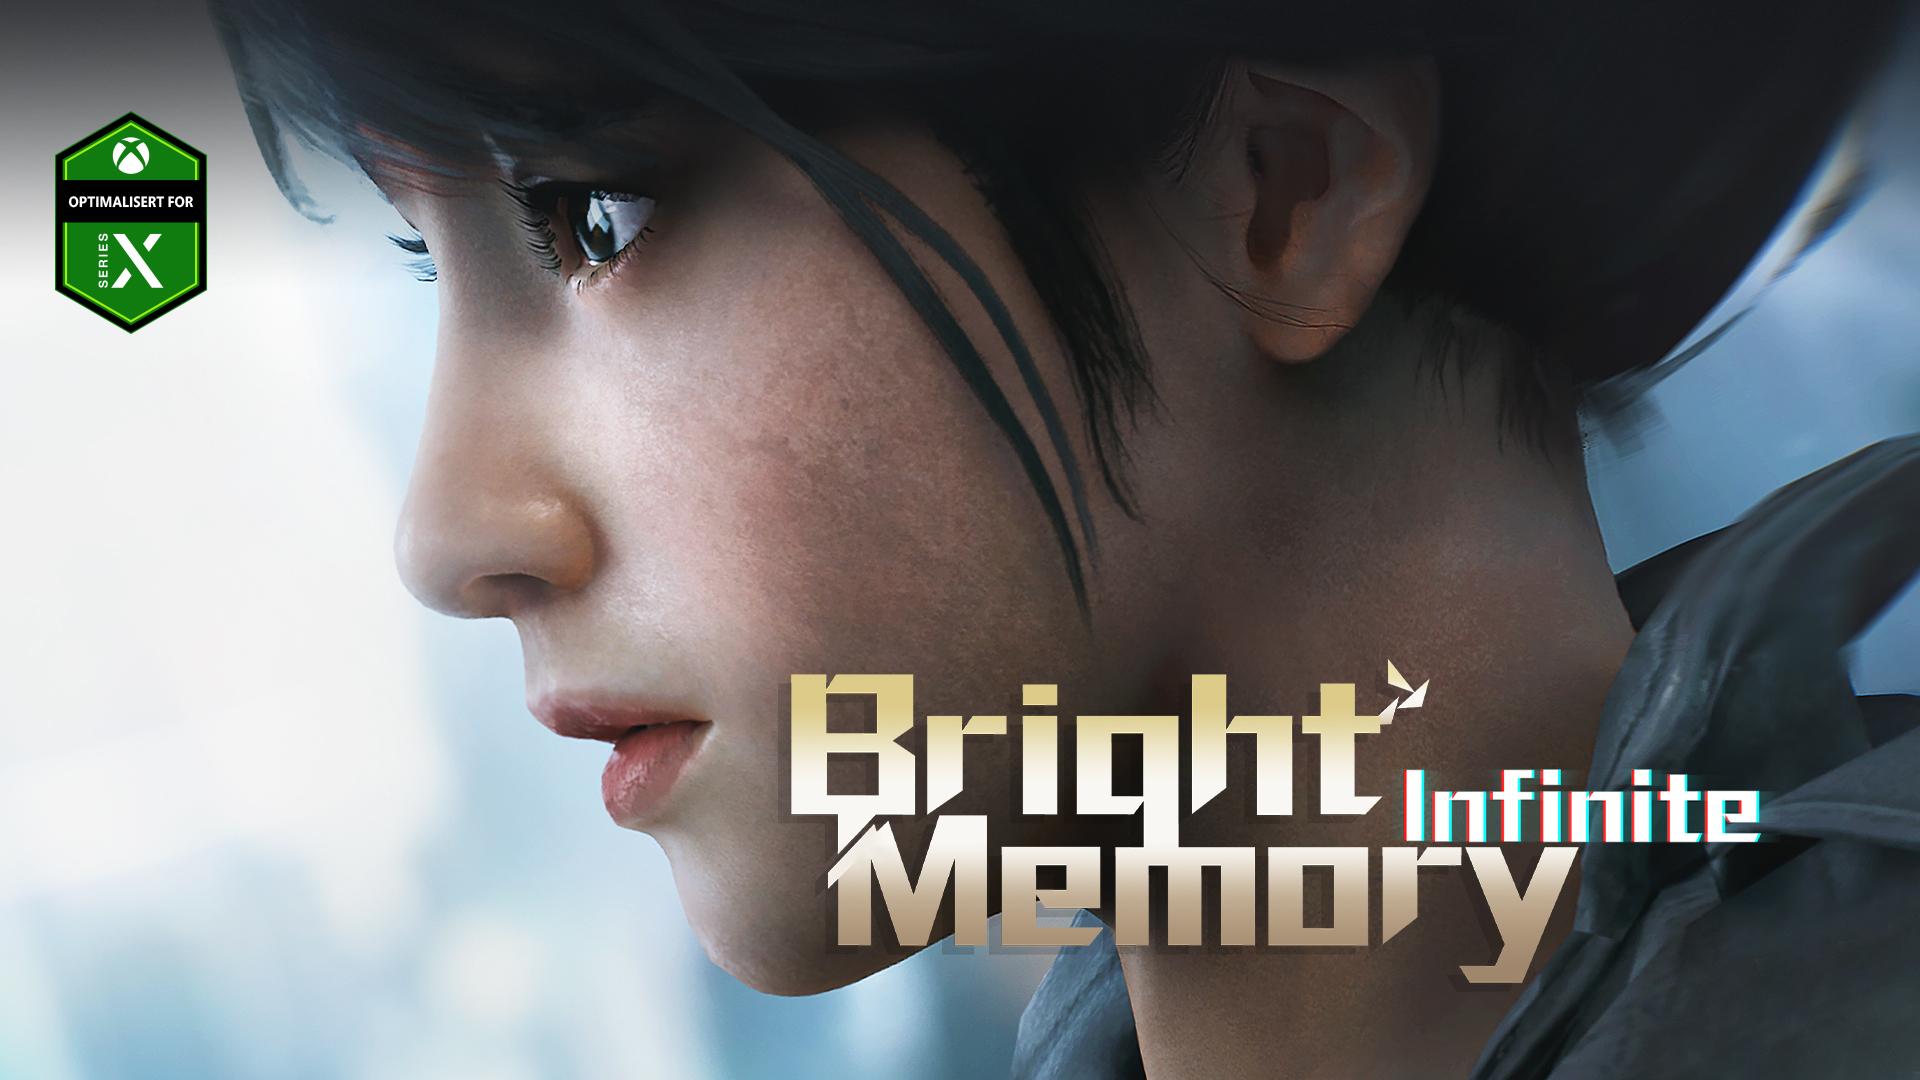 Bright Memory Infinite, optimalisert for series X, ser en ung kvinne på avstand.